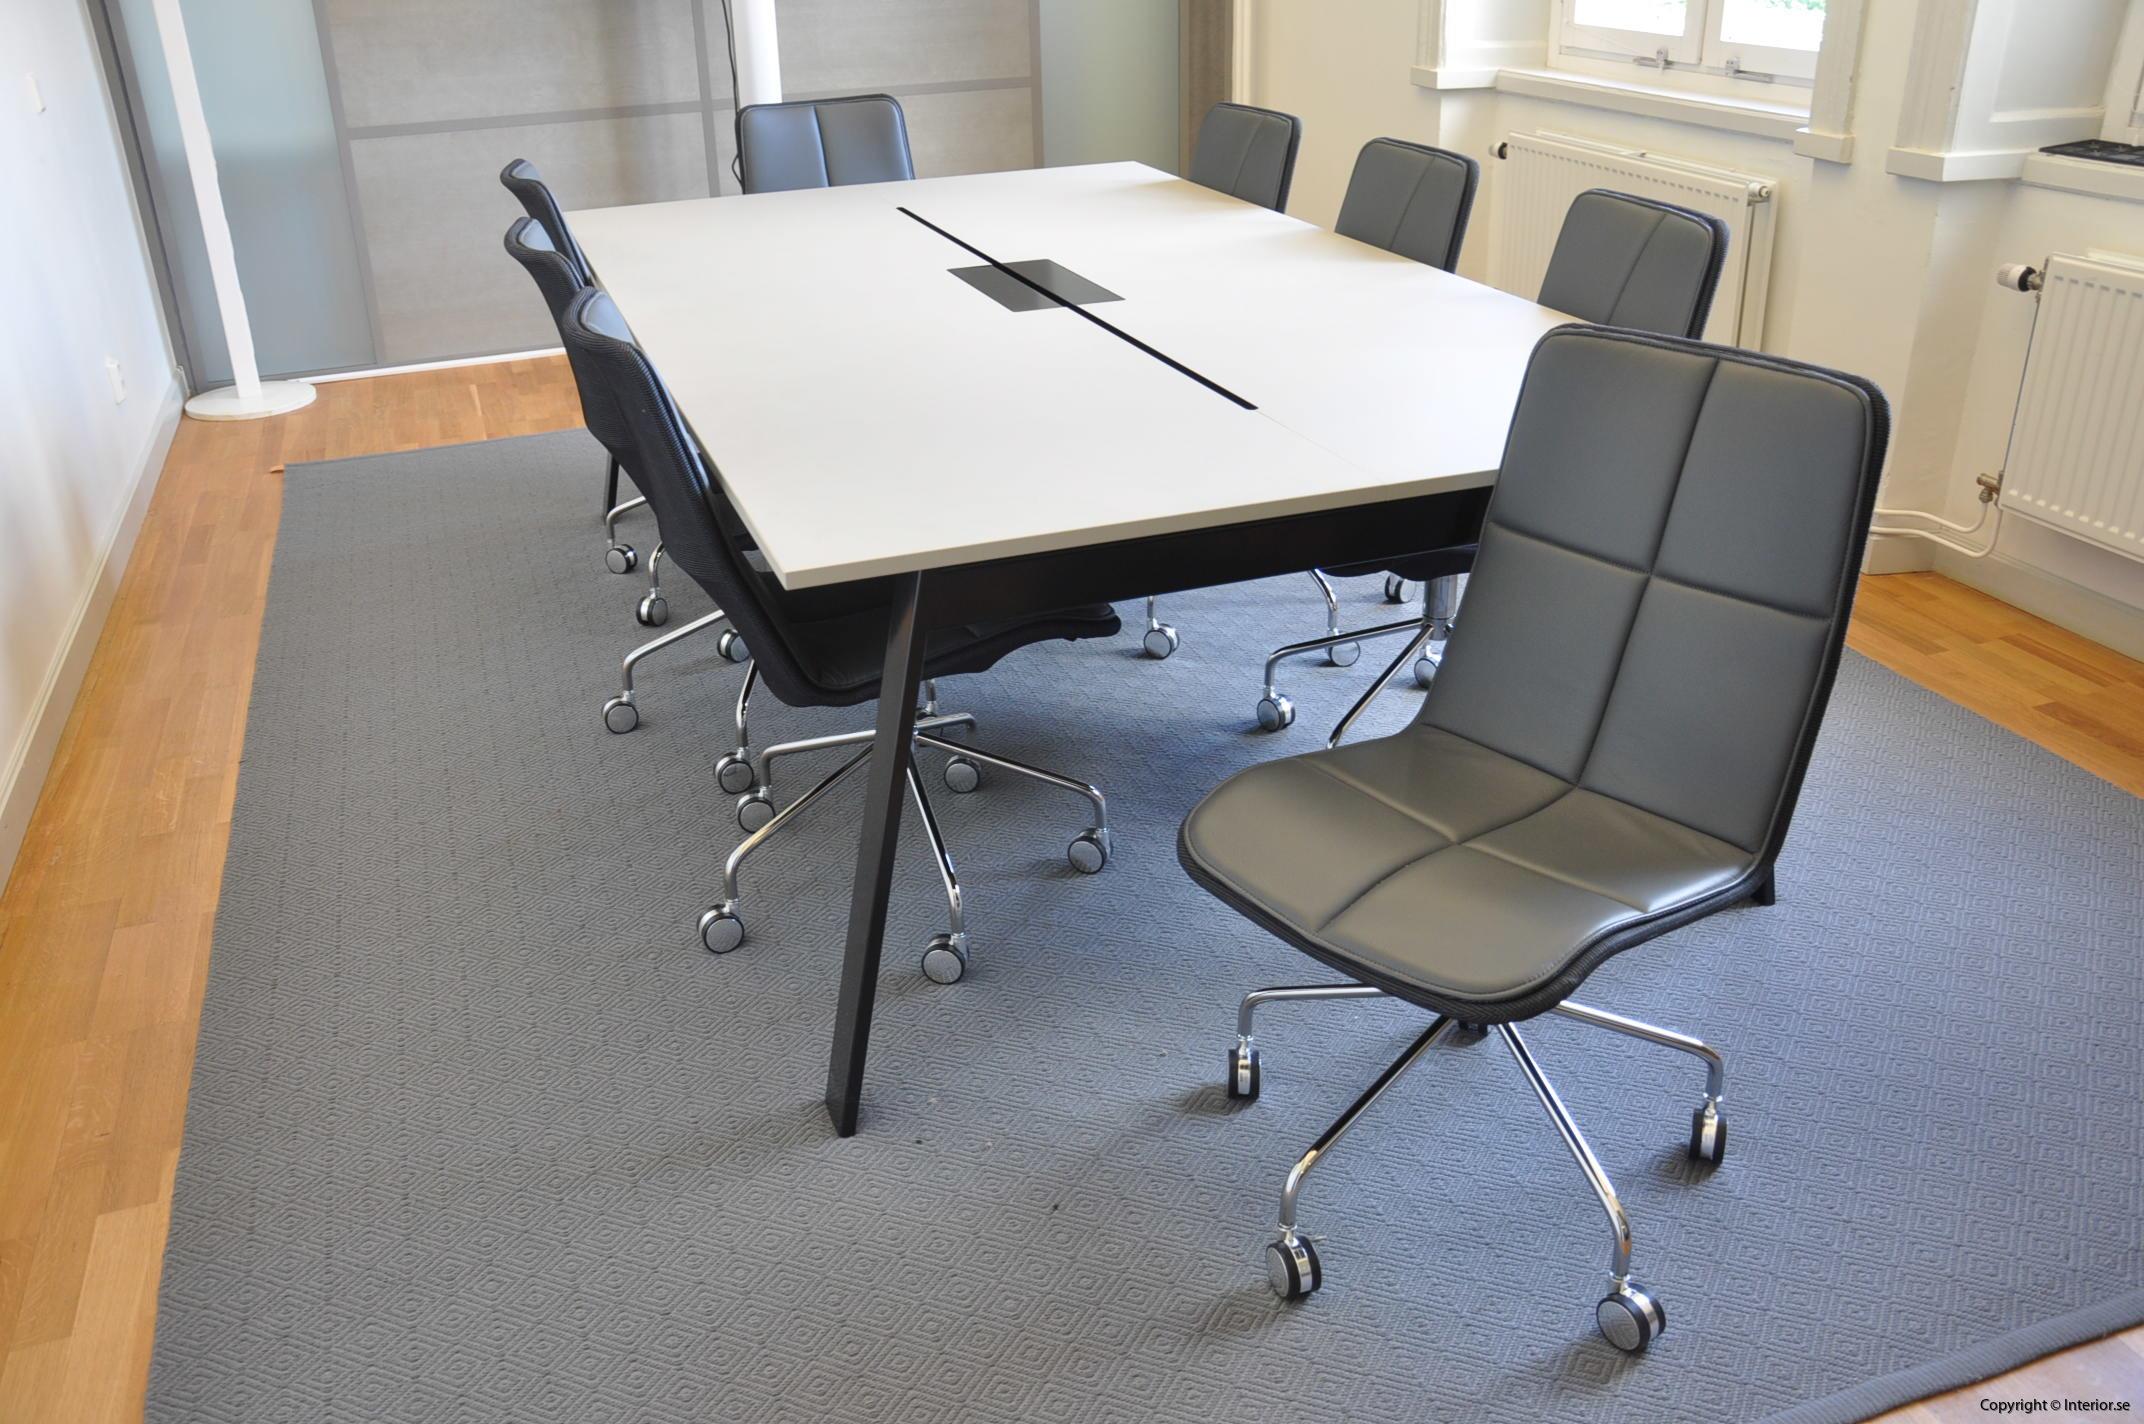 Konferensgrupp Swedese Kite & Edsbyn Piece begagnade konferensmöbler (4)